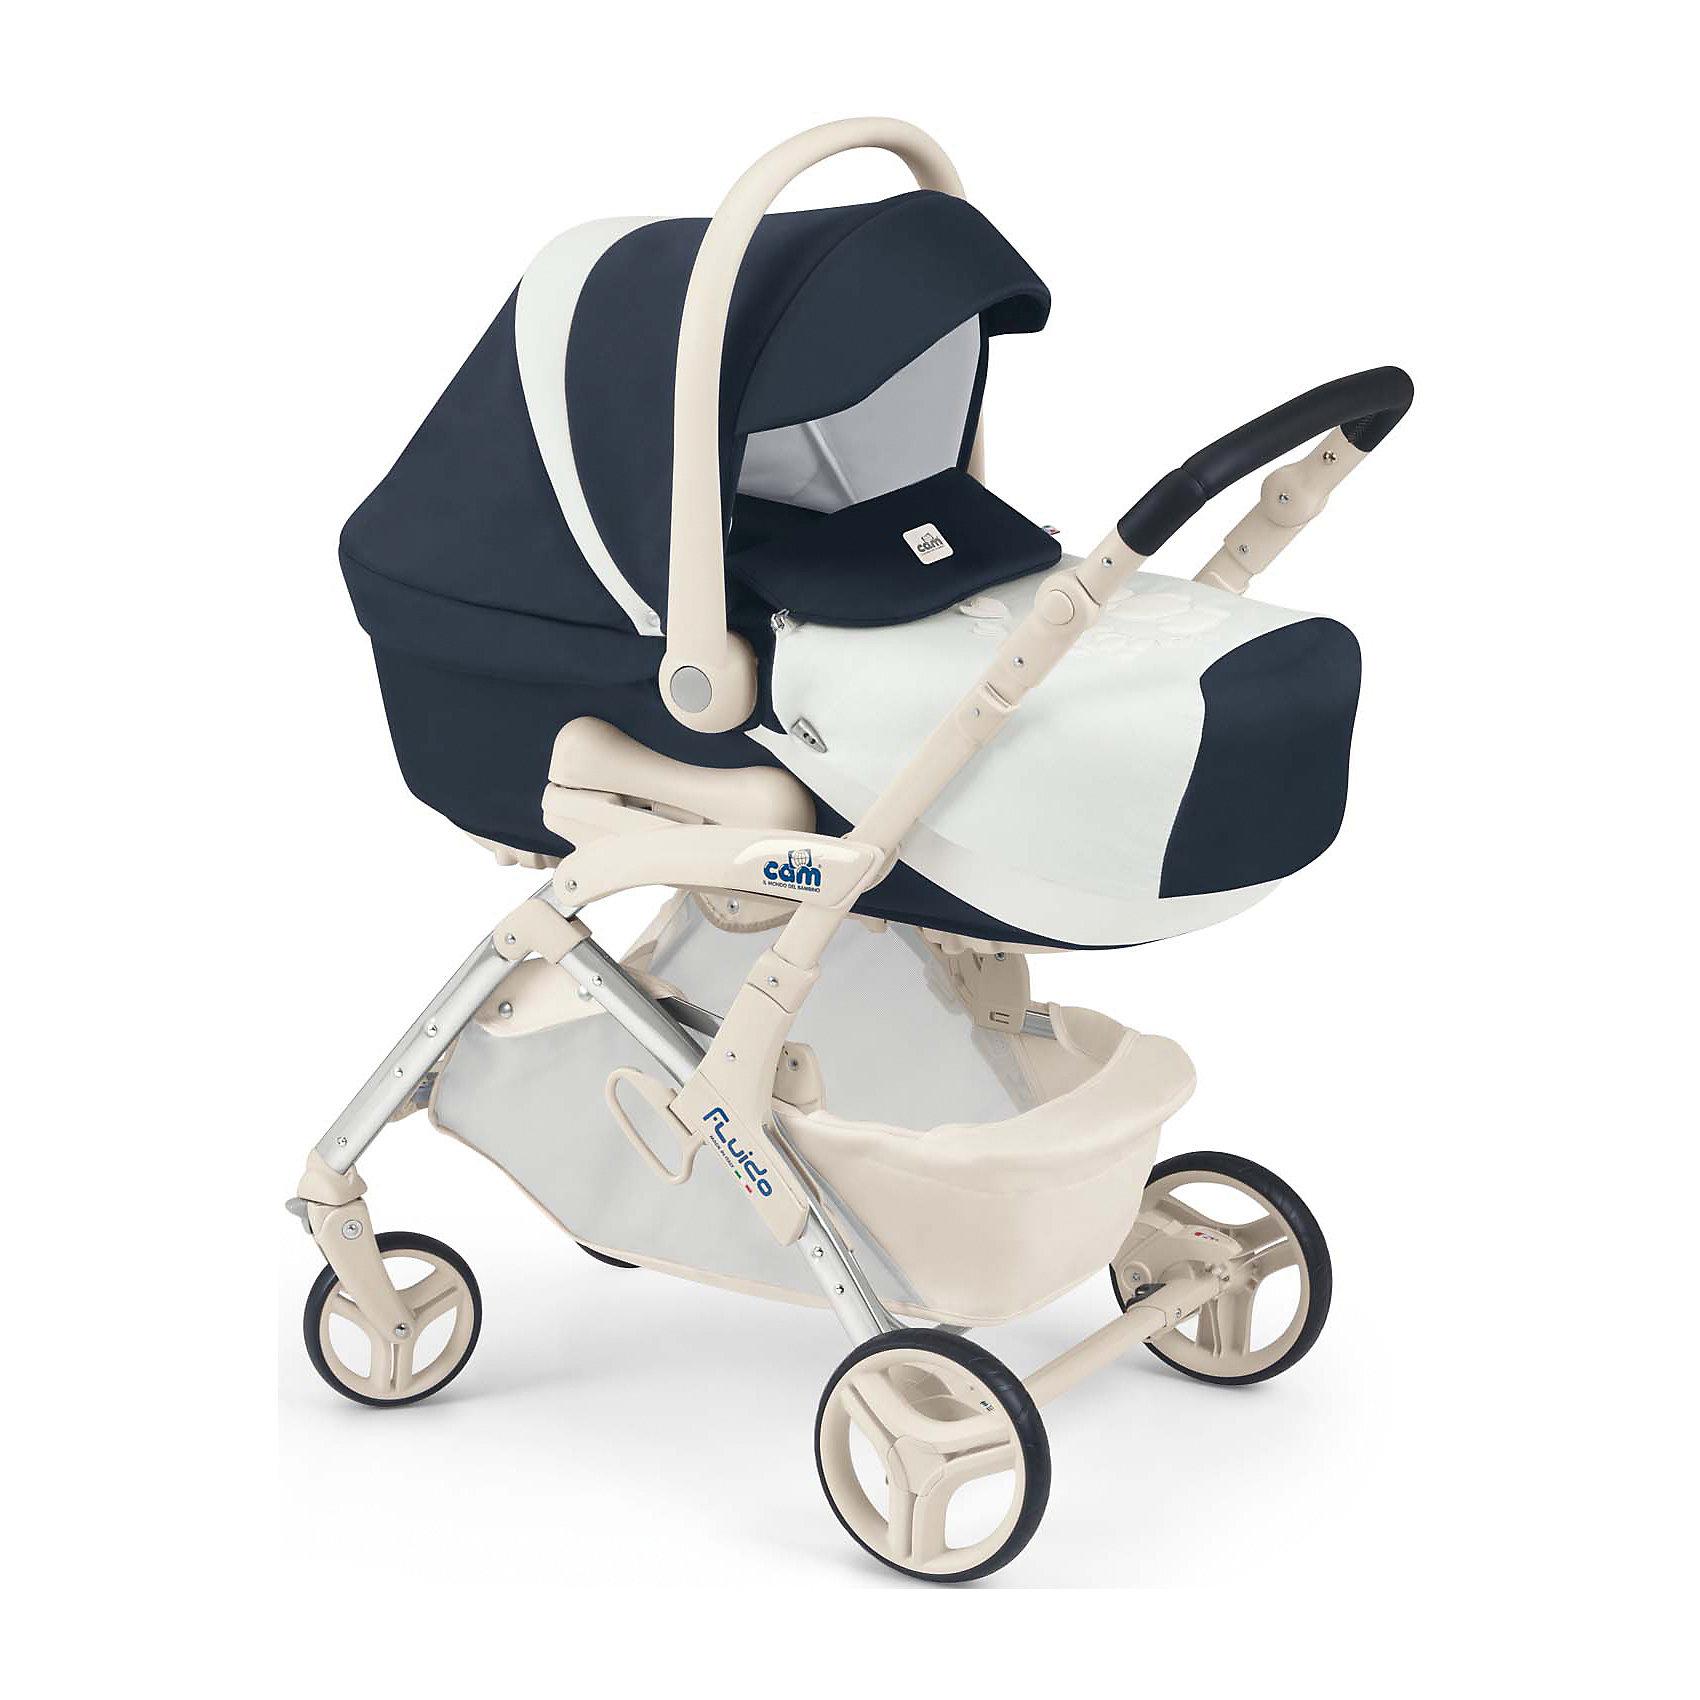 Коляска 3 в 1 Fluido Orsibelli, CAM, синий/белыйКоляска 3 в 1 Fluido Orsibelli, CAM - современная модульная коляска, которая обеспечит максимальный комфорт и безопасность Вашему малышу. Коляска состоит из прилагающихся к шасси прогулочного блока, люльки для новорожденного и автокресла-переноски и подходит для детей от рождения до 3 лет. Люлька из пластика предназначена для детей от рождения до 6 месяцев. Легко устанавливается/снимается на колесную базу с помощью системы Quicky system. Спинка регулируется в 3 положениях. Внутри люльки - приятная на ощупь внутренняя отделка из хлопка и мягкий съемный матрасик. В комплект также входит элегантная накидка, которую можно использовать как одеяло. На дне имеются специальные отверстия для проветривания. Удобная ручка-переноска с нескользящим покрытием. Благодаря специальным полозьям на дне люльку можно использовать отдельно как качалку для ребенка.<br><br>Прогулочный блок подходит для детей от 6 месяцев до 3-х лет. Может устанавливаться в положениях лицом к маме или лицом к дороге. Блок оснащен комфортным широким сиденьем с регулируемой в 4 положениях спинкой. Безопасность малыша гарантируют пятиточечные ремни безопасности с мягкими плечевыми накладками и съемный бампер. Большой объемный капюшон защитит малыша от непогоды и солнца. Регулируемая подножка создает дополнительный комфорт. Детское автокресло предназначено для детей весом от  0 до 13 кг. Кресло крепится в машине штатными ремнями безопасности против хода движения на заднем сиденье.<br><br>Дополнительная информация:<br><br>- В комплекте: шасси, люлька для новорожденного, автокресло-переноска группы 0+, прогулочный блок, сумка для мамы, накидка на ножки, дождевик, матрасик для пеленания.<br>- Цвет: синий/белый.<br>- Диаметр колес: передние - 17 см., задние - 15 см.<br>- Ширина колесной базы: 56 см.<br>- Размер люльки: 79 х 35 х 22 см.<br>- Внешние размеры коляски с люлькой: 57 х 90 х 117 см.<br>- Вес люльки: 4,9 кг. <br>- Размер прогулочной коляски: 57 х 86,5 х 100 с